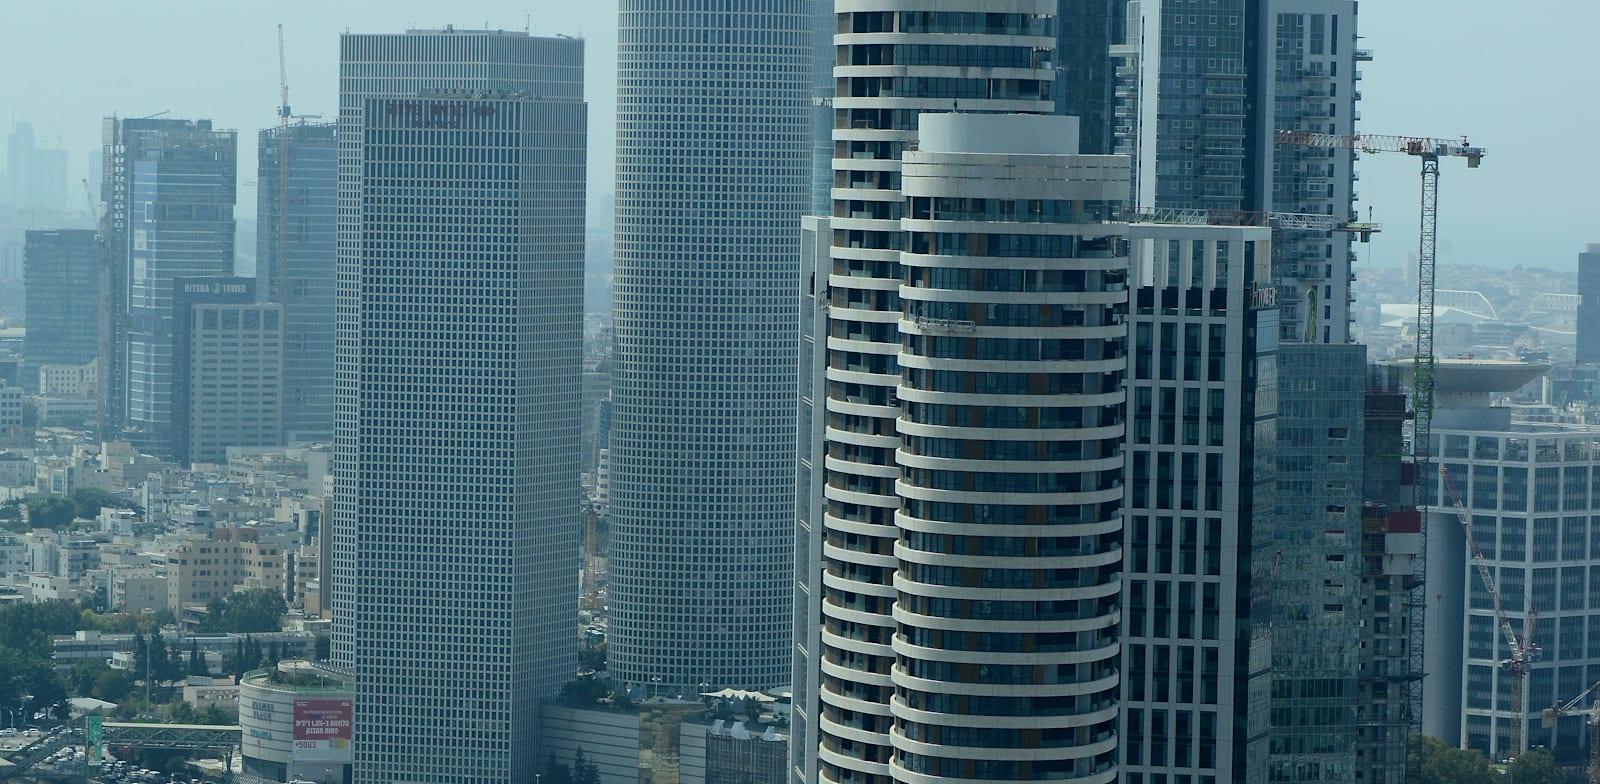 Tel Aviv office towers Photo: Eyal Izhar